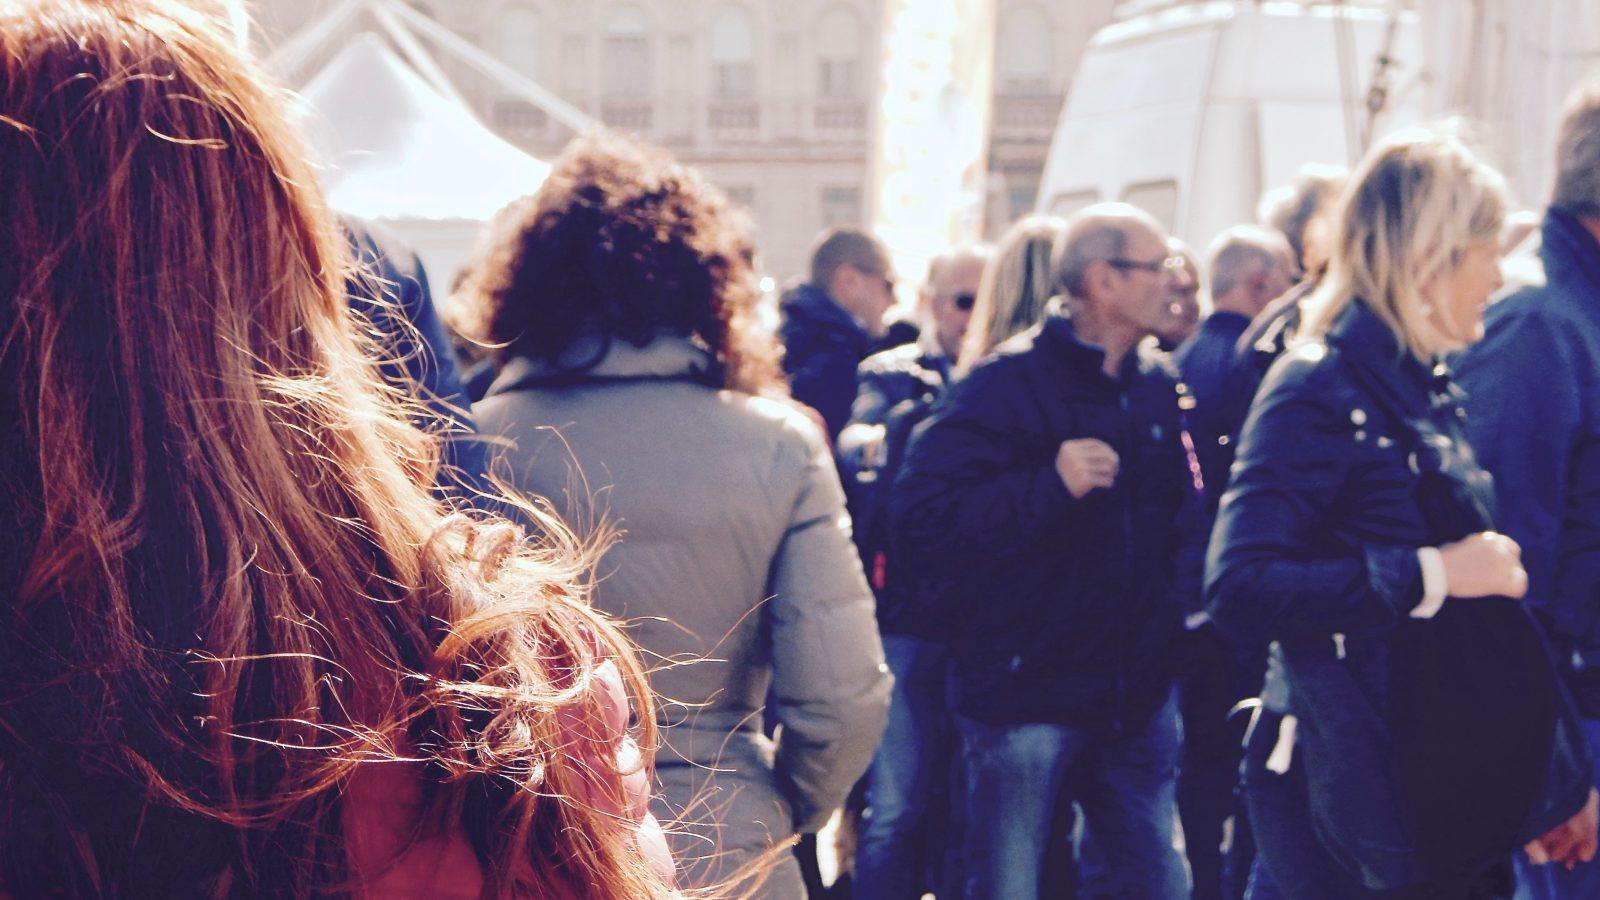 photo d'une foule dans la rue illustrant la notion de consultation citoyenne